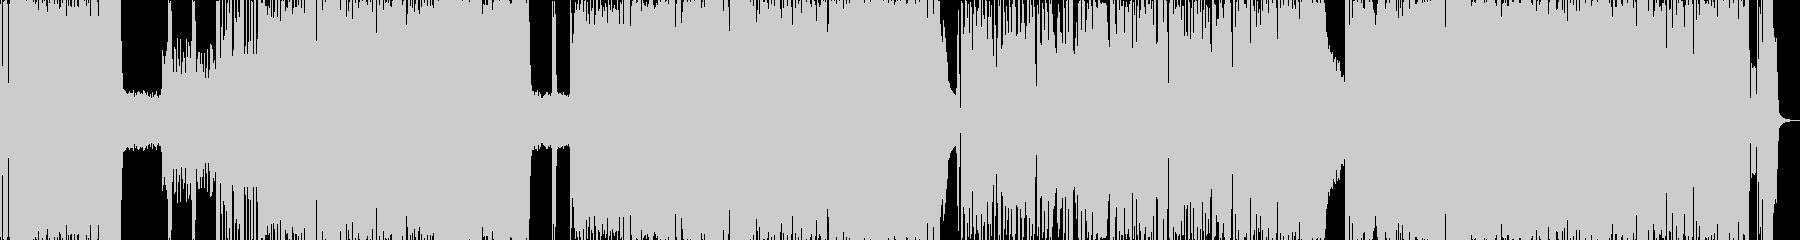 メロディー重視のギターサウンドの未再生の波形